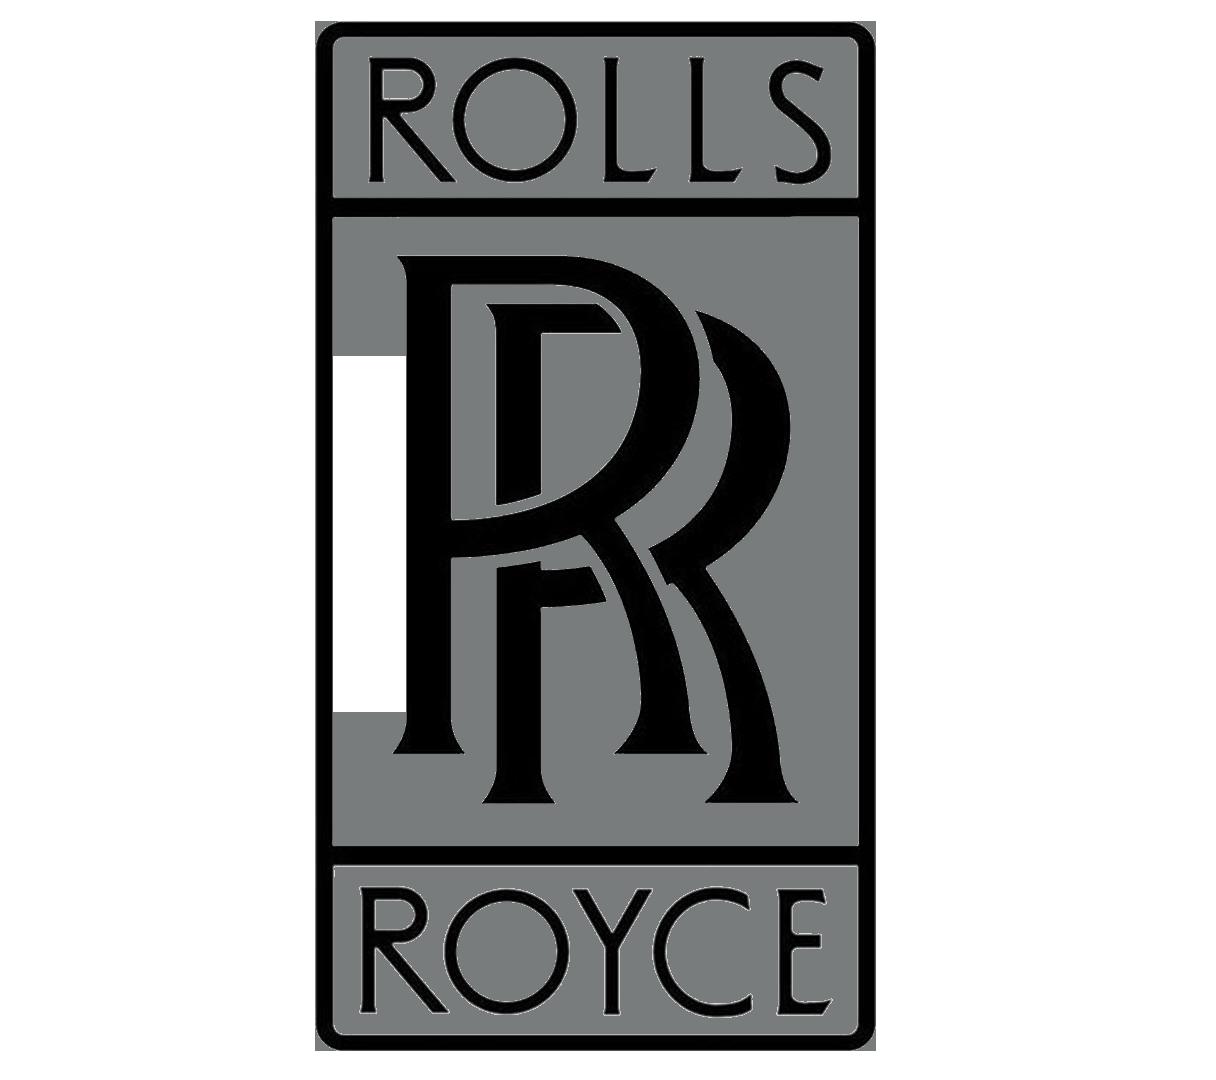 Rolls Royce logo PNG